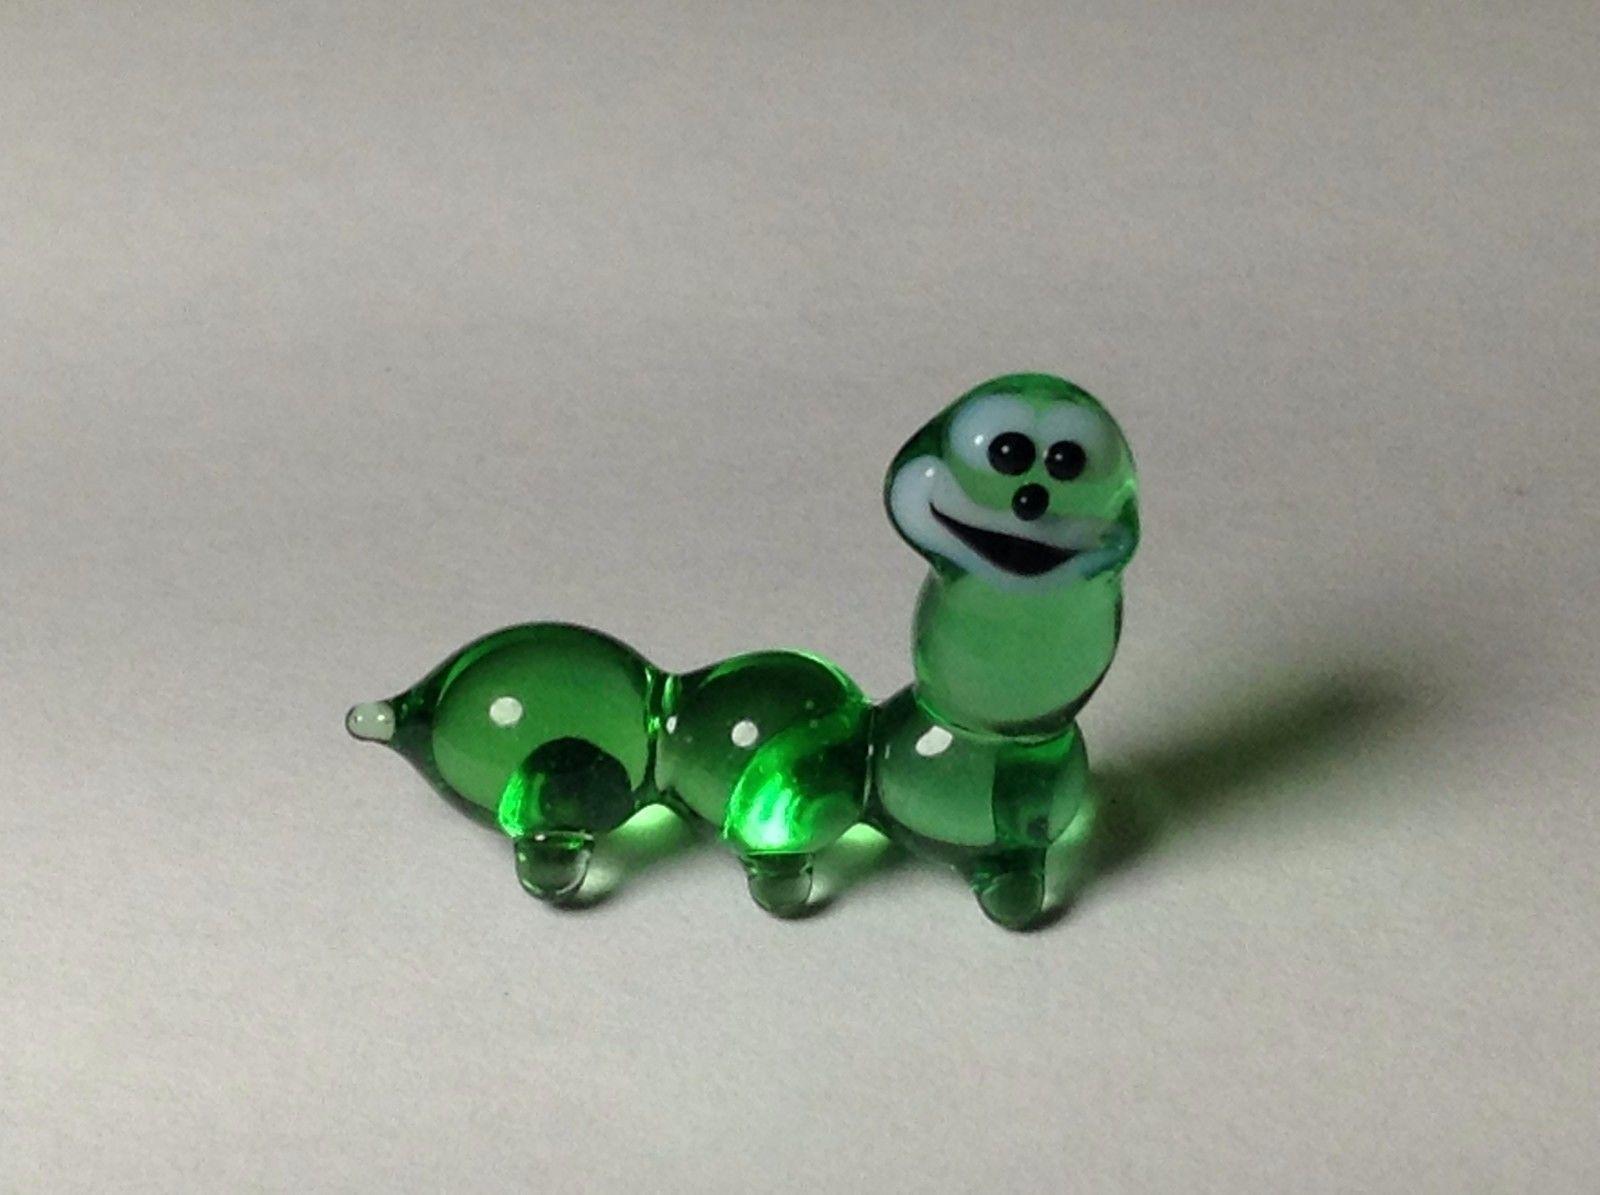 Miniature Glass Smiling green caterpillar Handmade Blown Glass Made USA